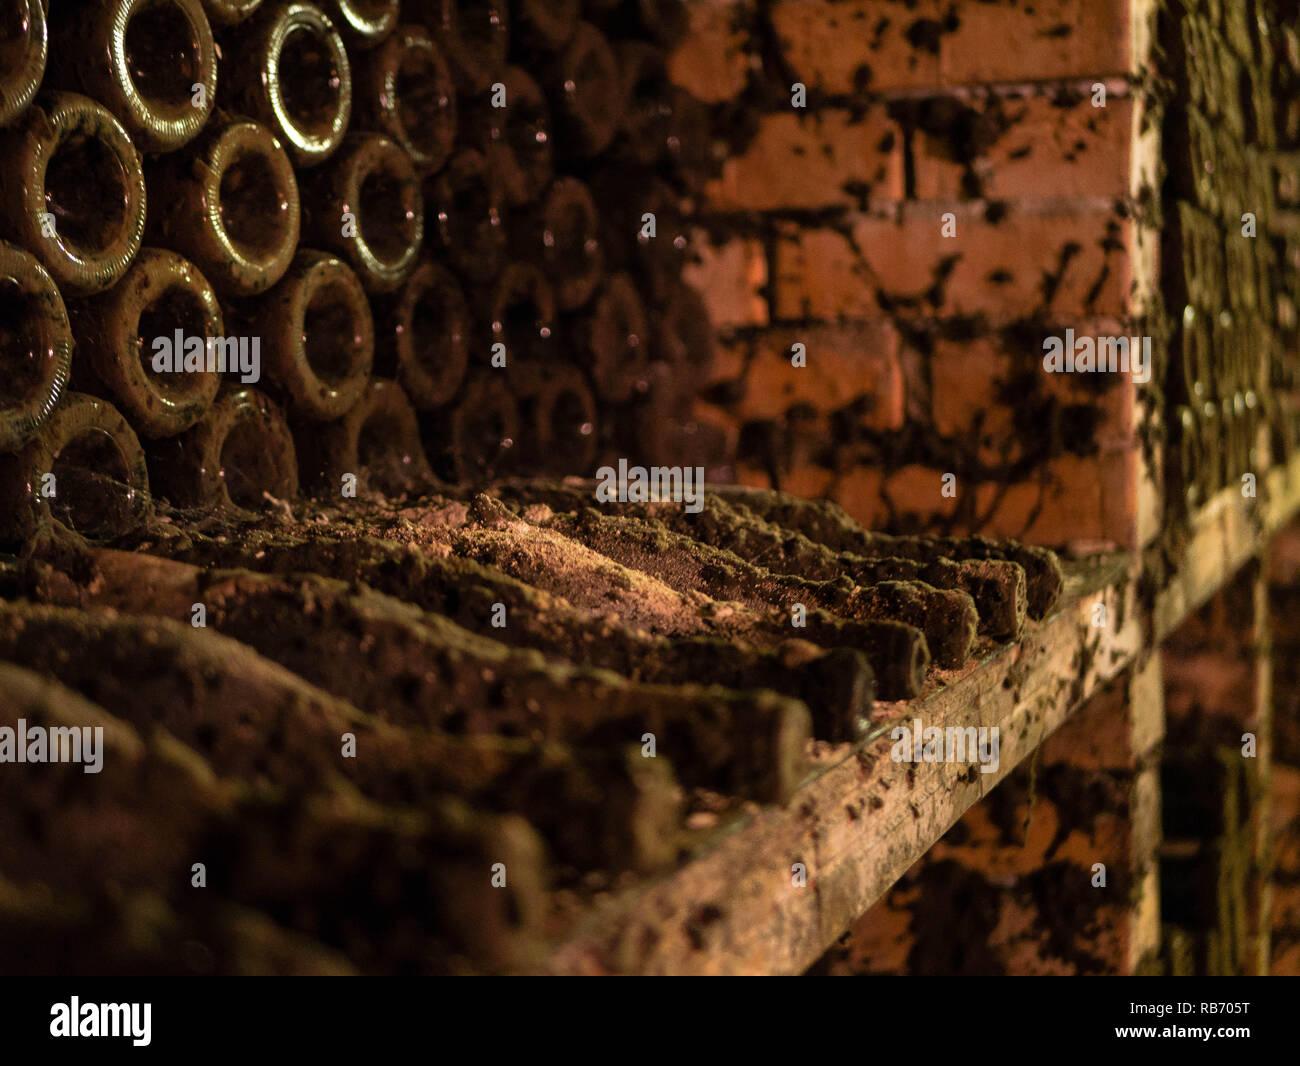 Bouteilles oublié dans une ancienne cave à vin Banque D'Images